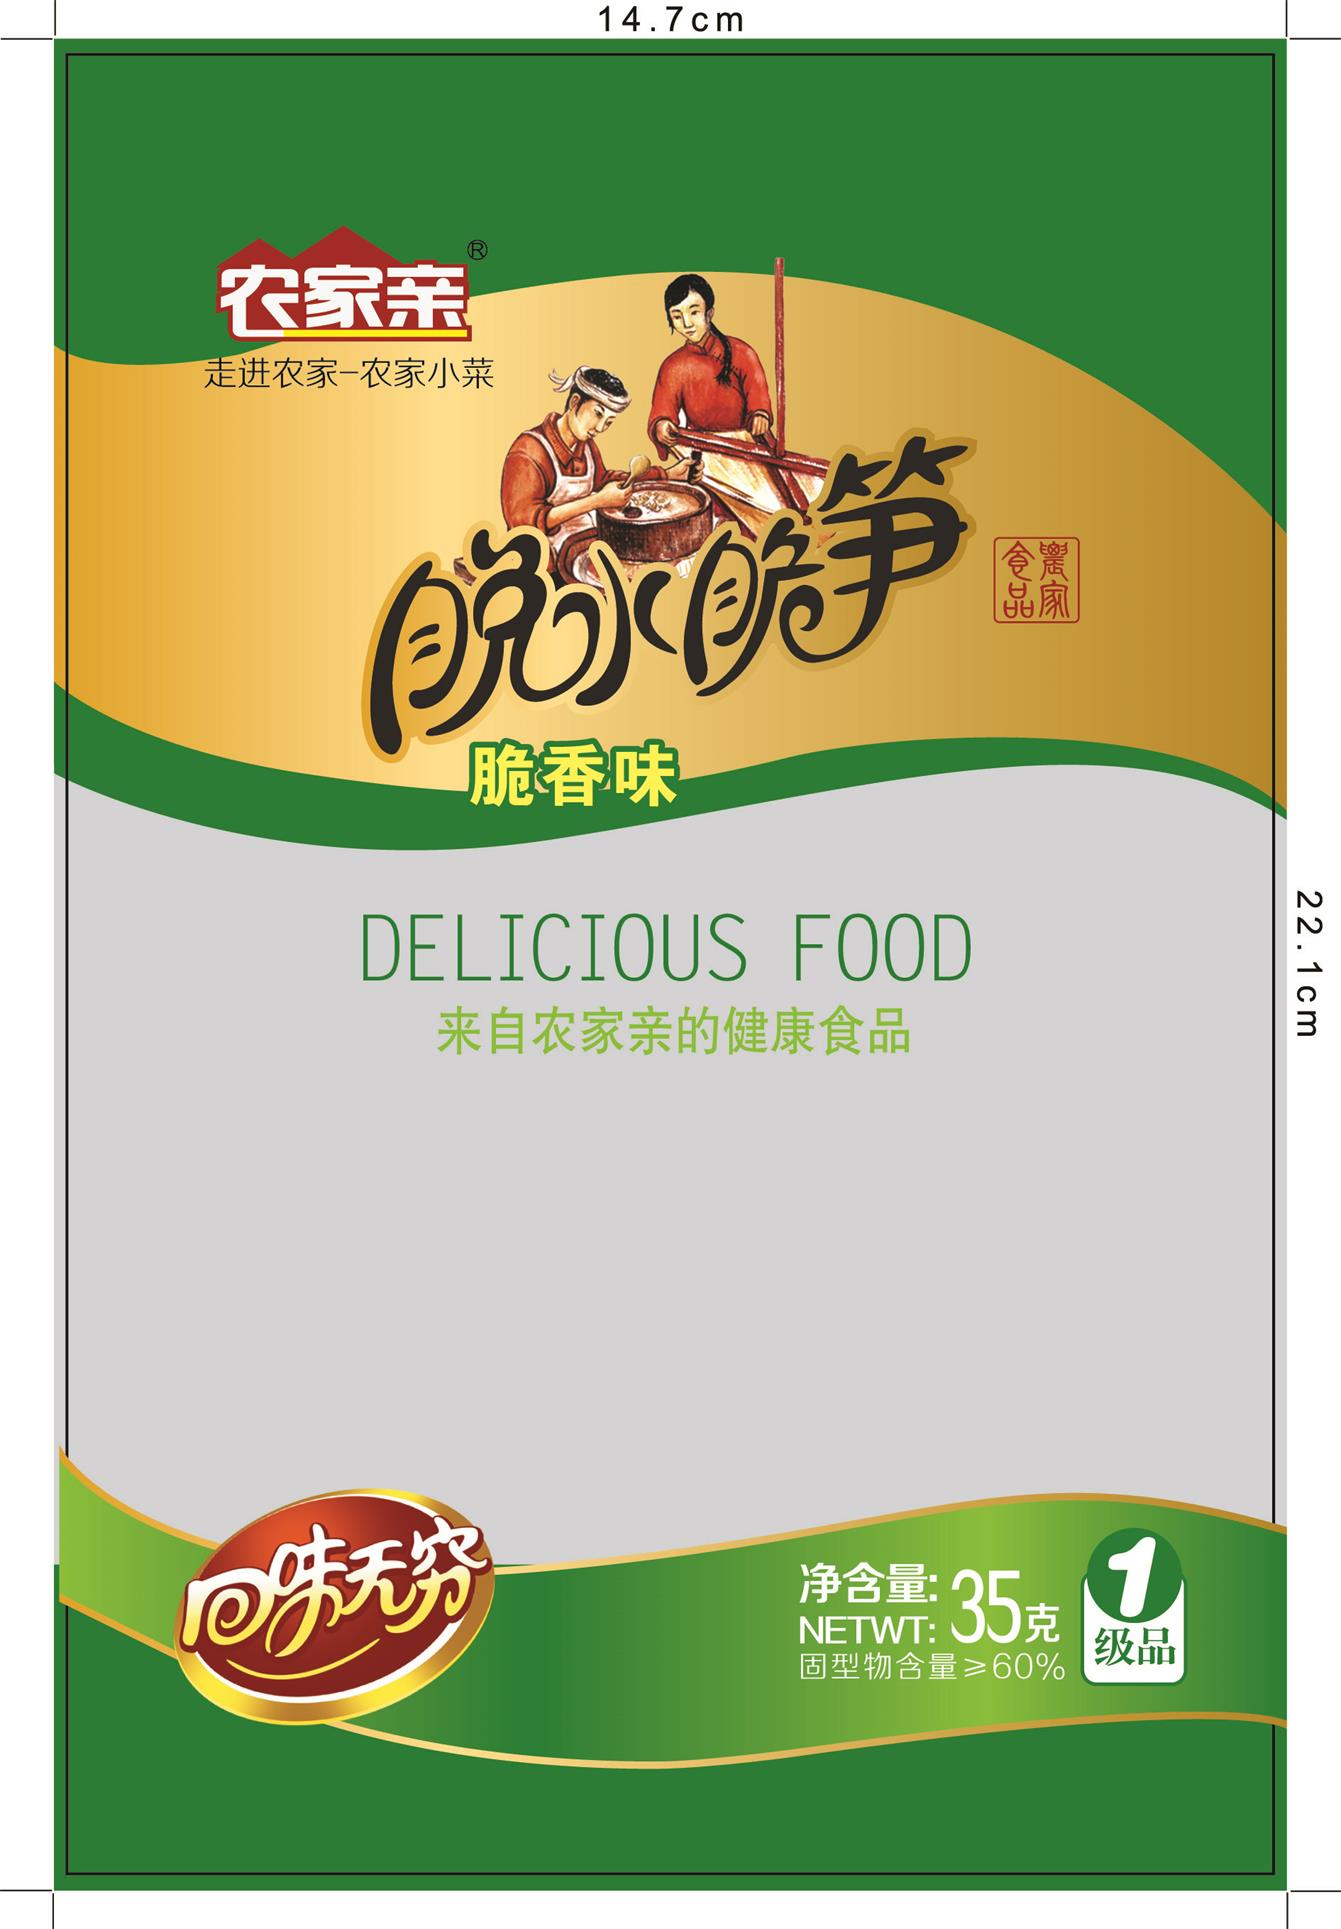 包装袋厂家|鸿新彩印供应同行中口碑好的食品包装袋